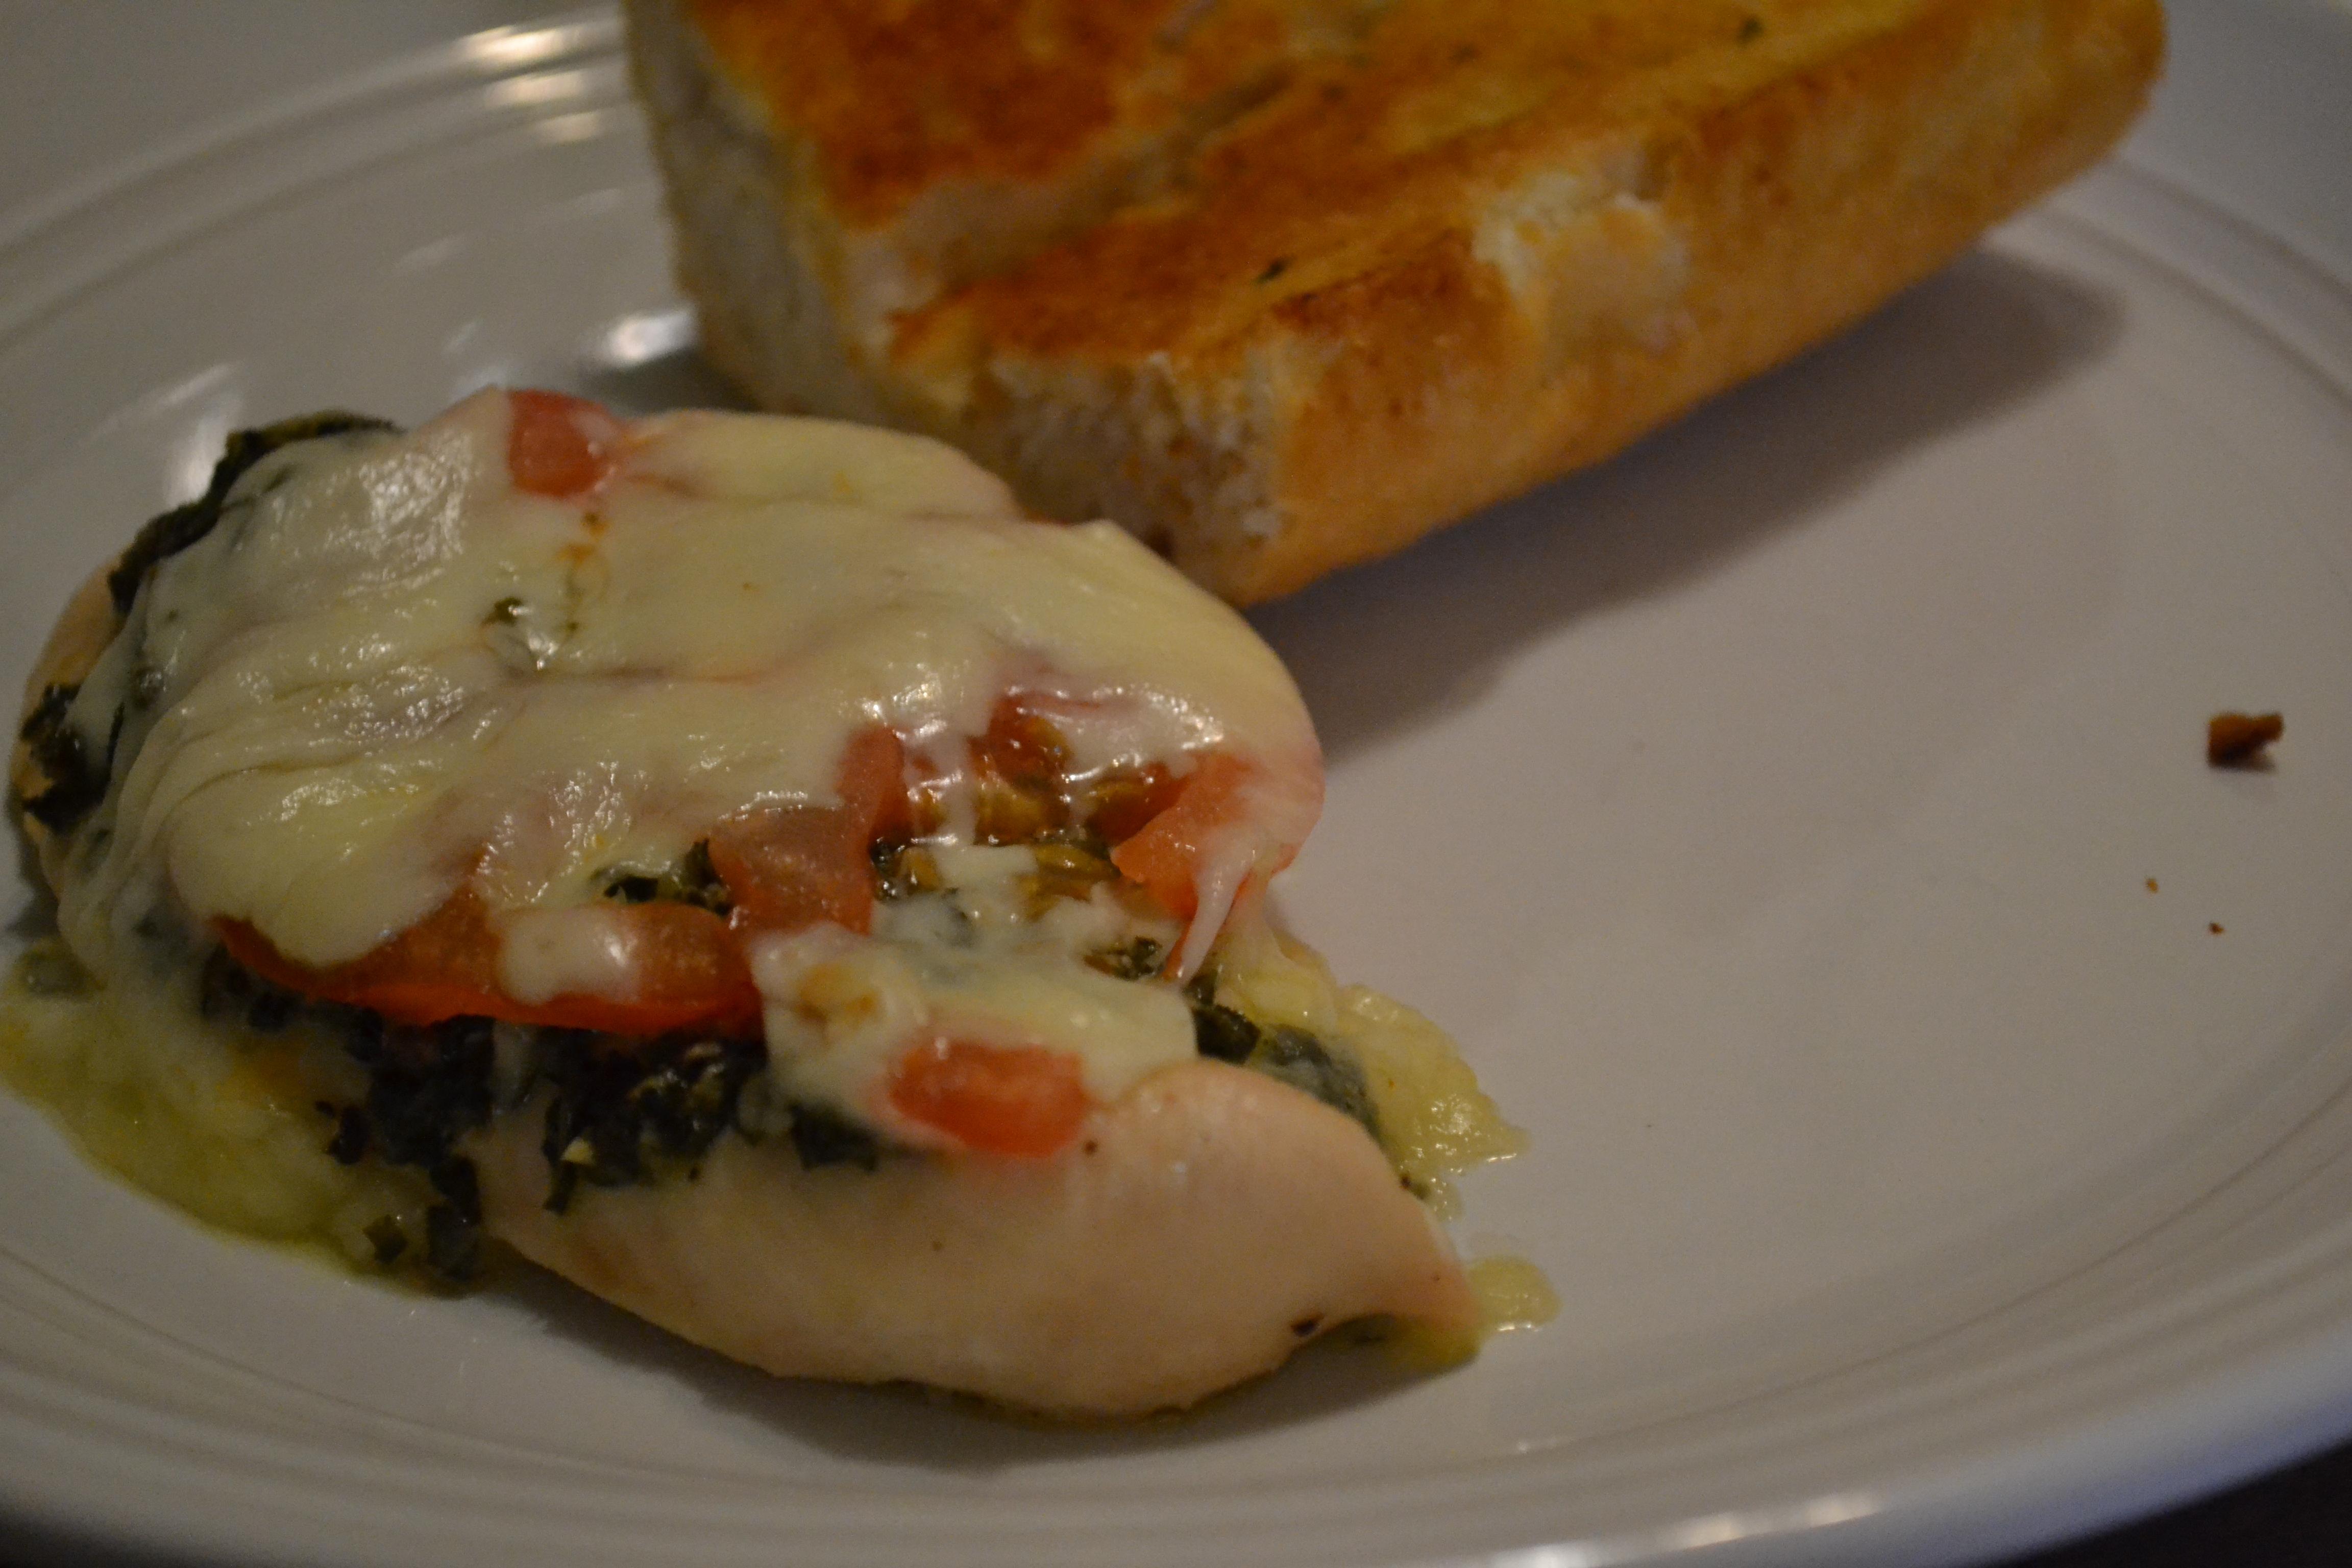 Skinny Chicken Pesto Bake | The Wellesley Girl